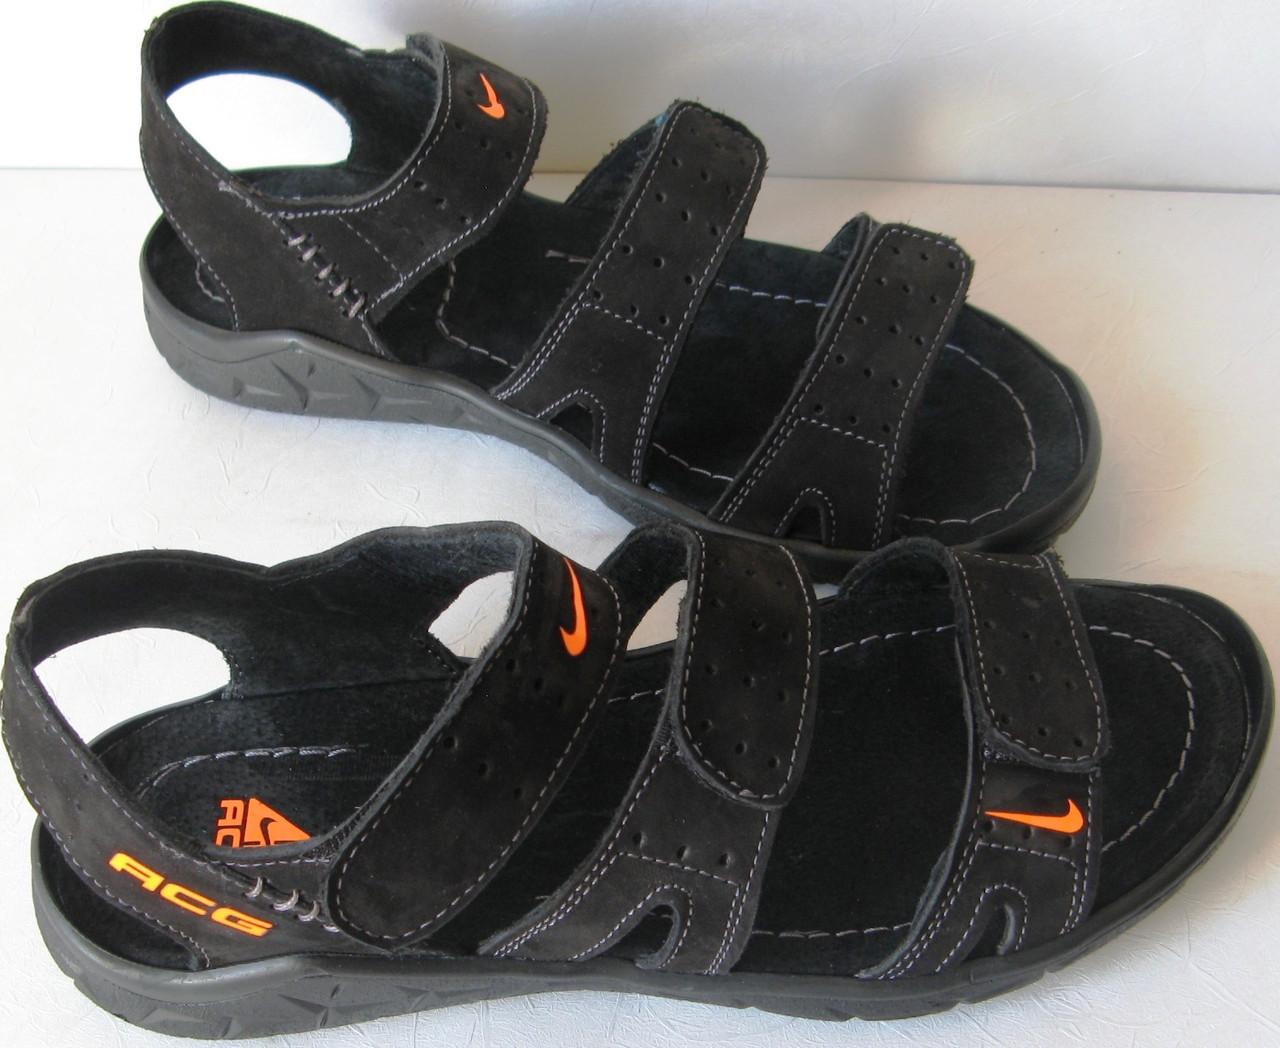 c510e753b5552c Nike репліка шкіряні чоловічі сандалі c трьома смужками сандалі босоніжки  взуття літо найк - VZUTA.